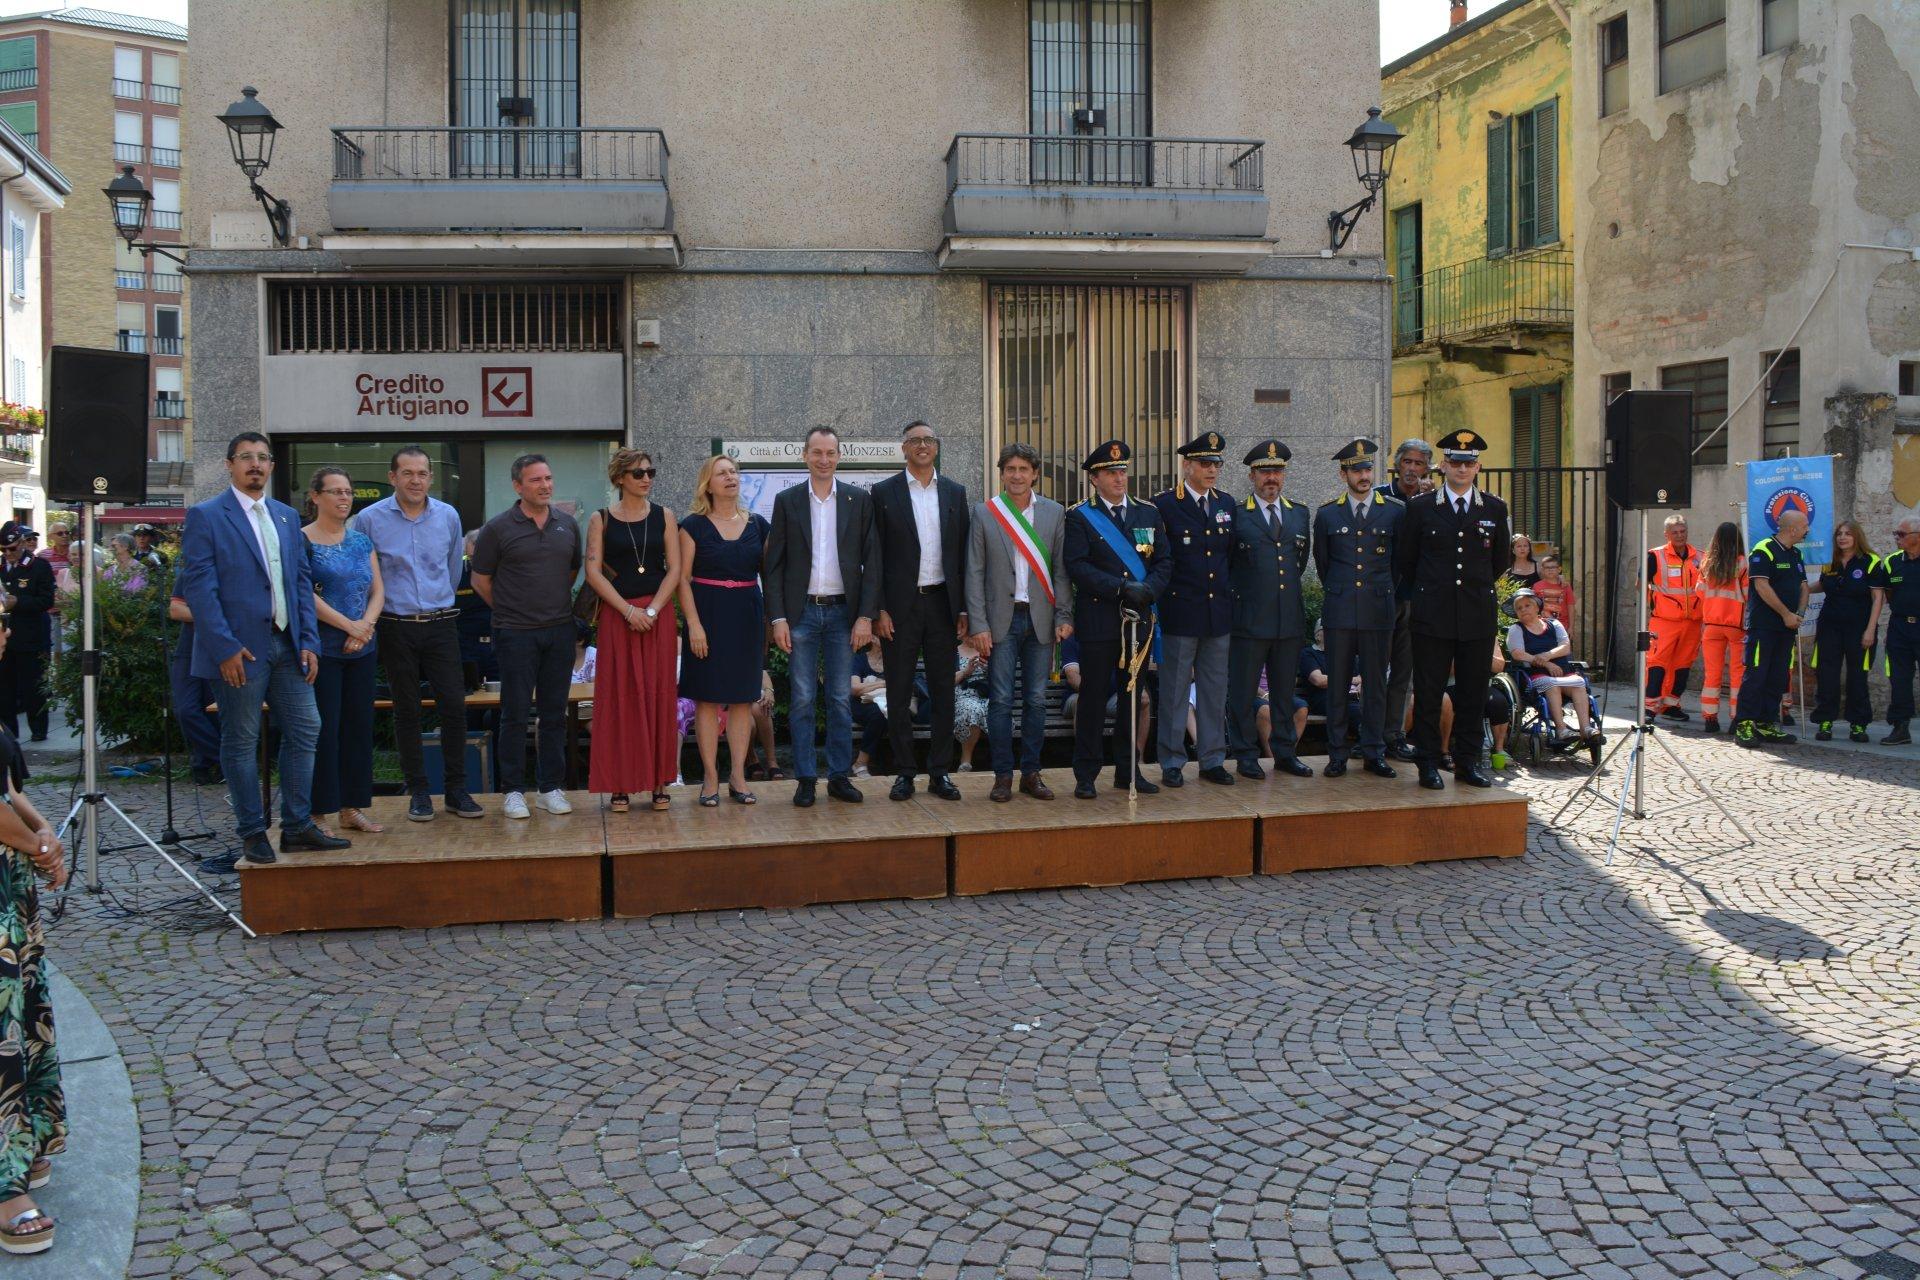 Sito istituzionale del Comune di Massa Lombarda.